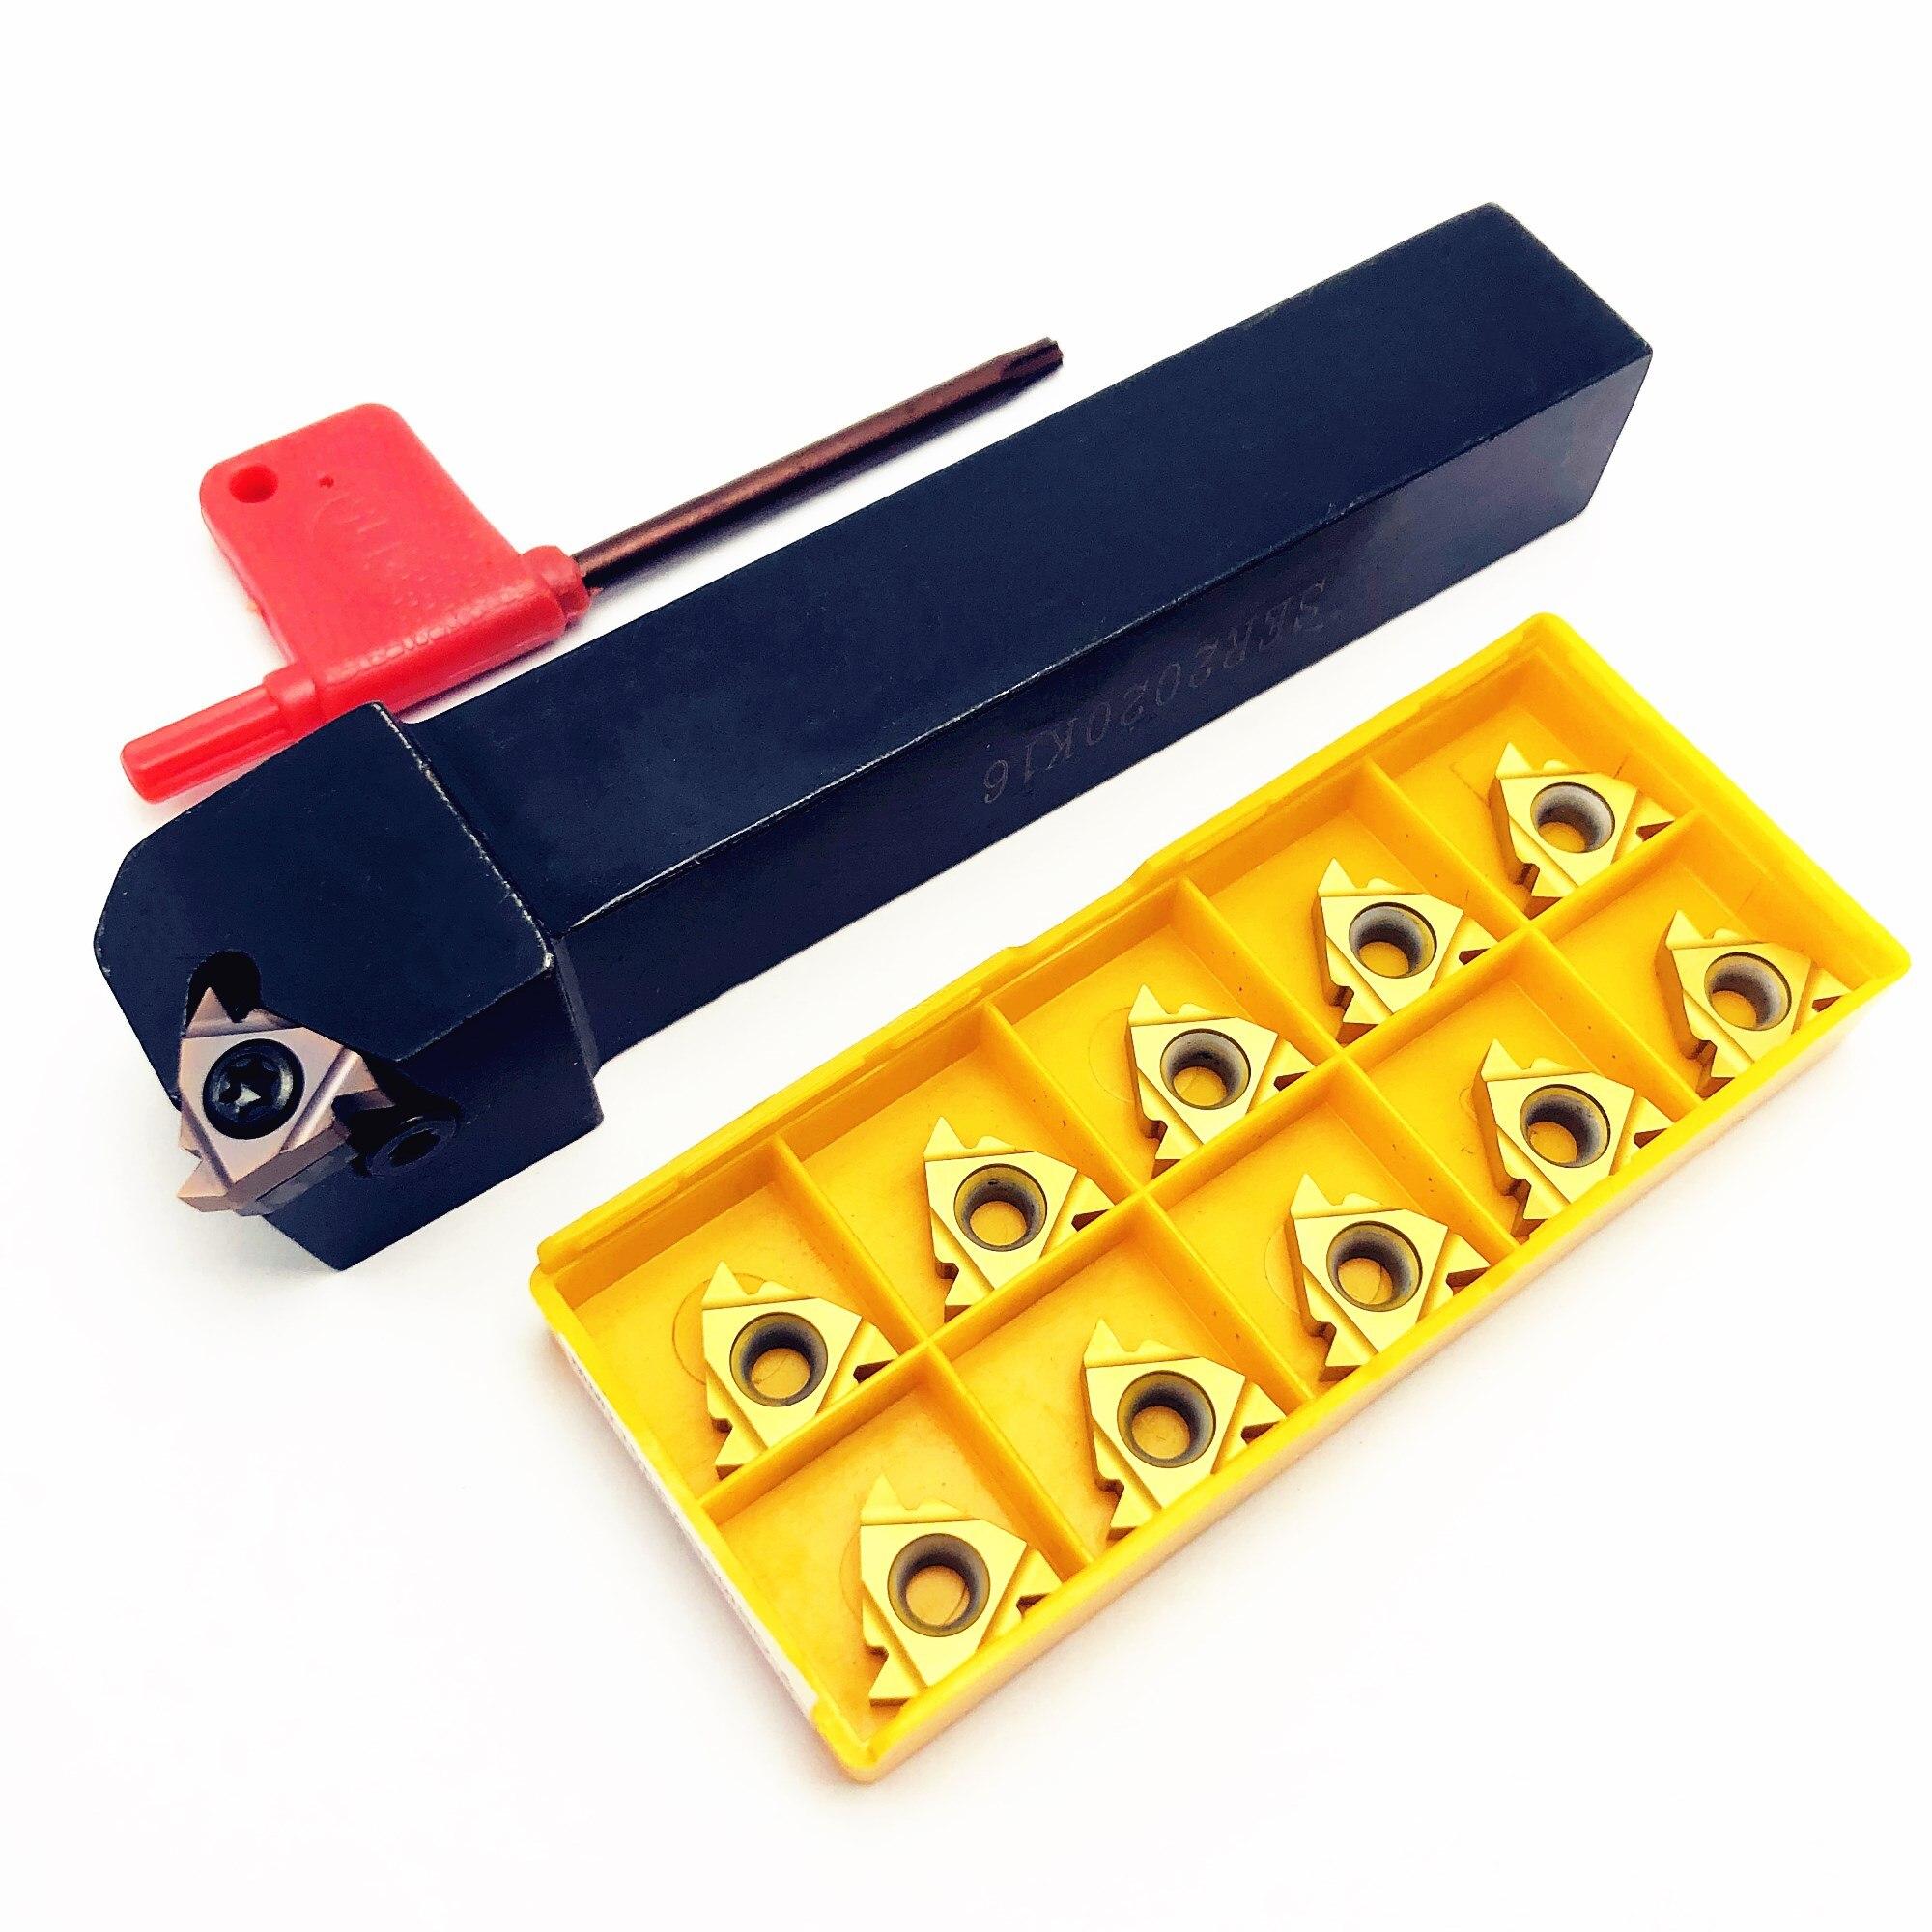 1PCS SER1212H16 SER1616H16 SER2020K16 SER2525M16 Compound Boring Tool Holder External Tool Holder For MMT16ER 16IR Thread Cutter